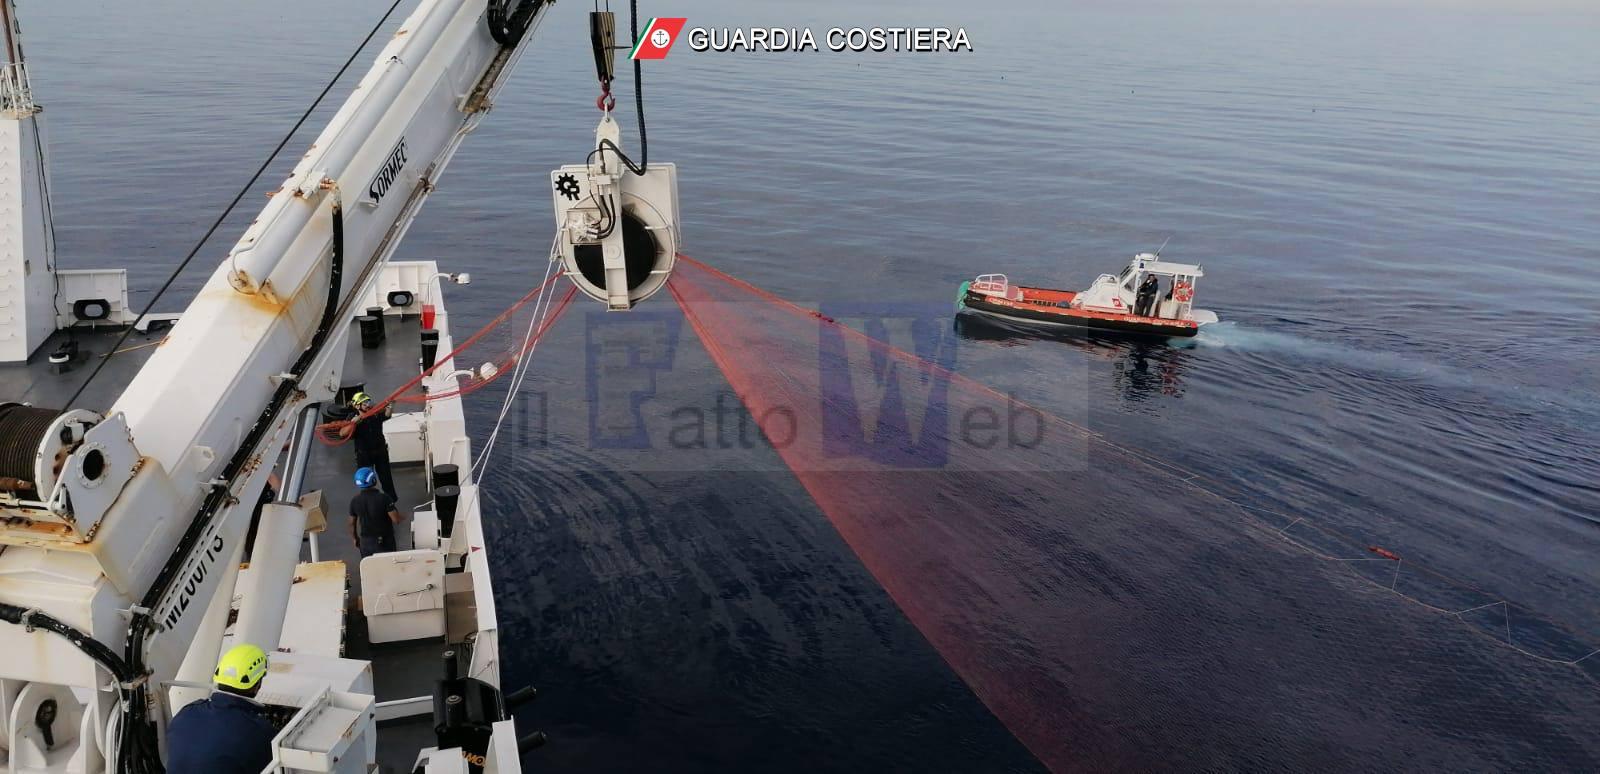 Contrasto alla pesca illegale: operazione della Guardia Costiera a largo delle isole Eolie